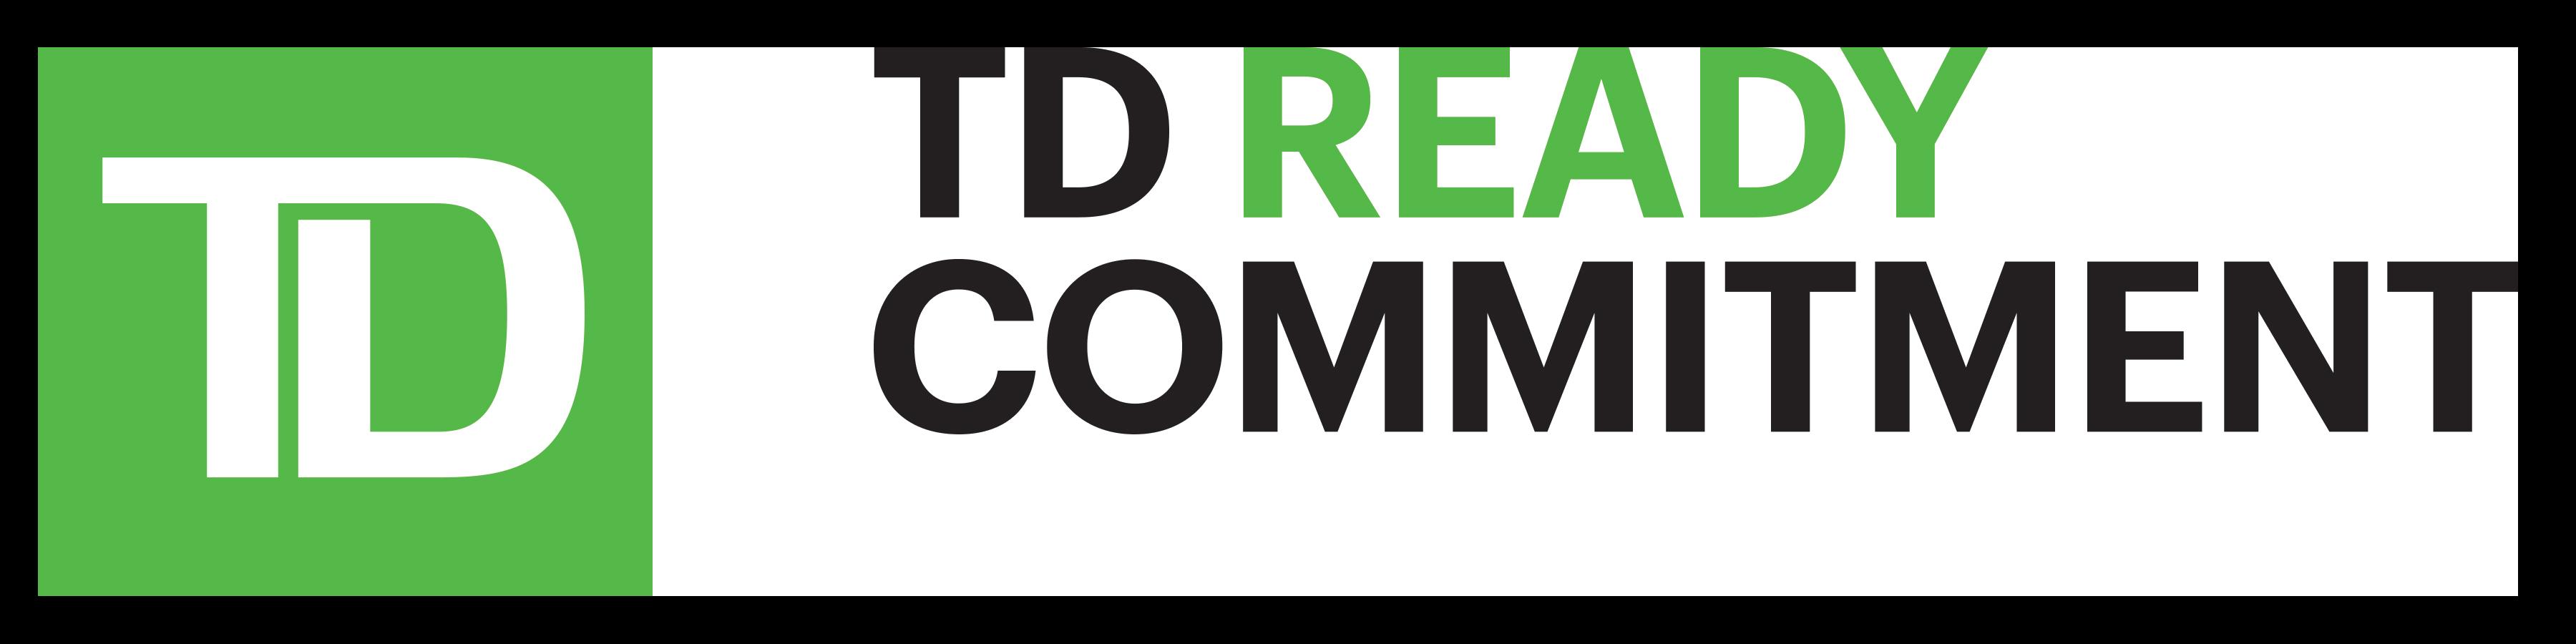 Presenting Sponsor logo